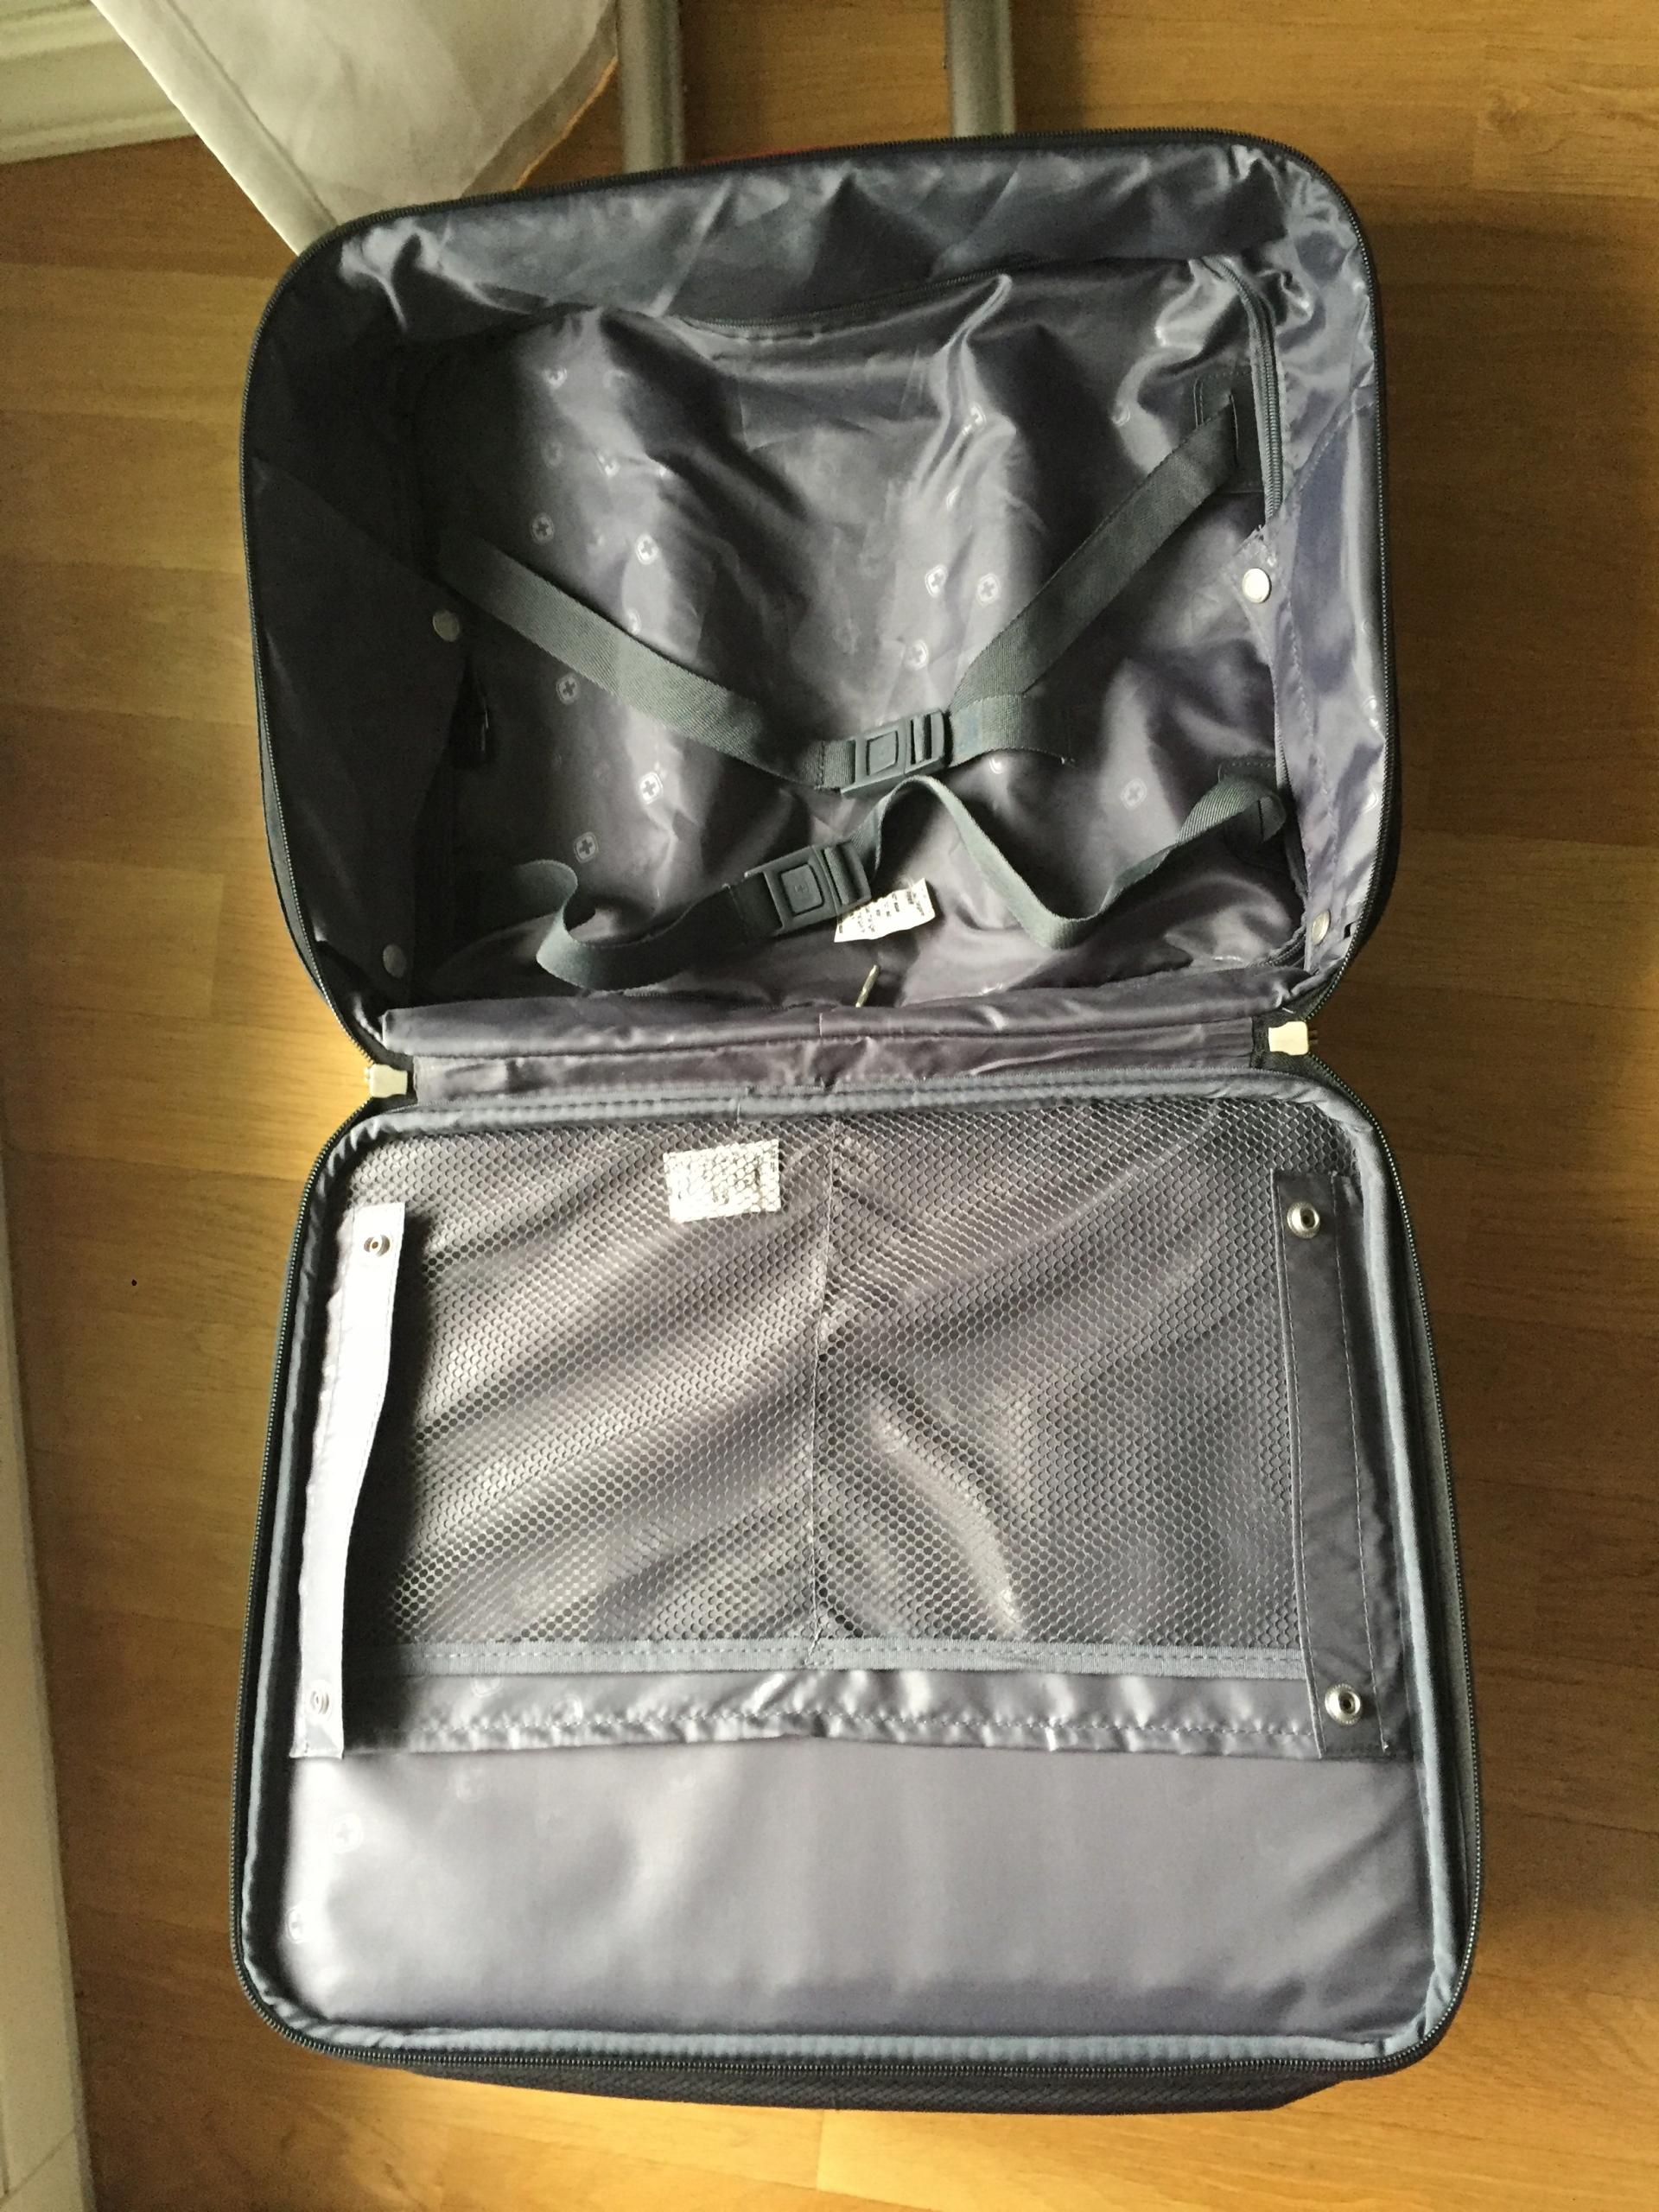 6eb3c522a8a67 Wenger - walizka na kółkach (kabinowa) poj. 30 L - 7707187644 ...